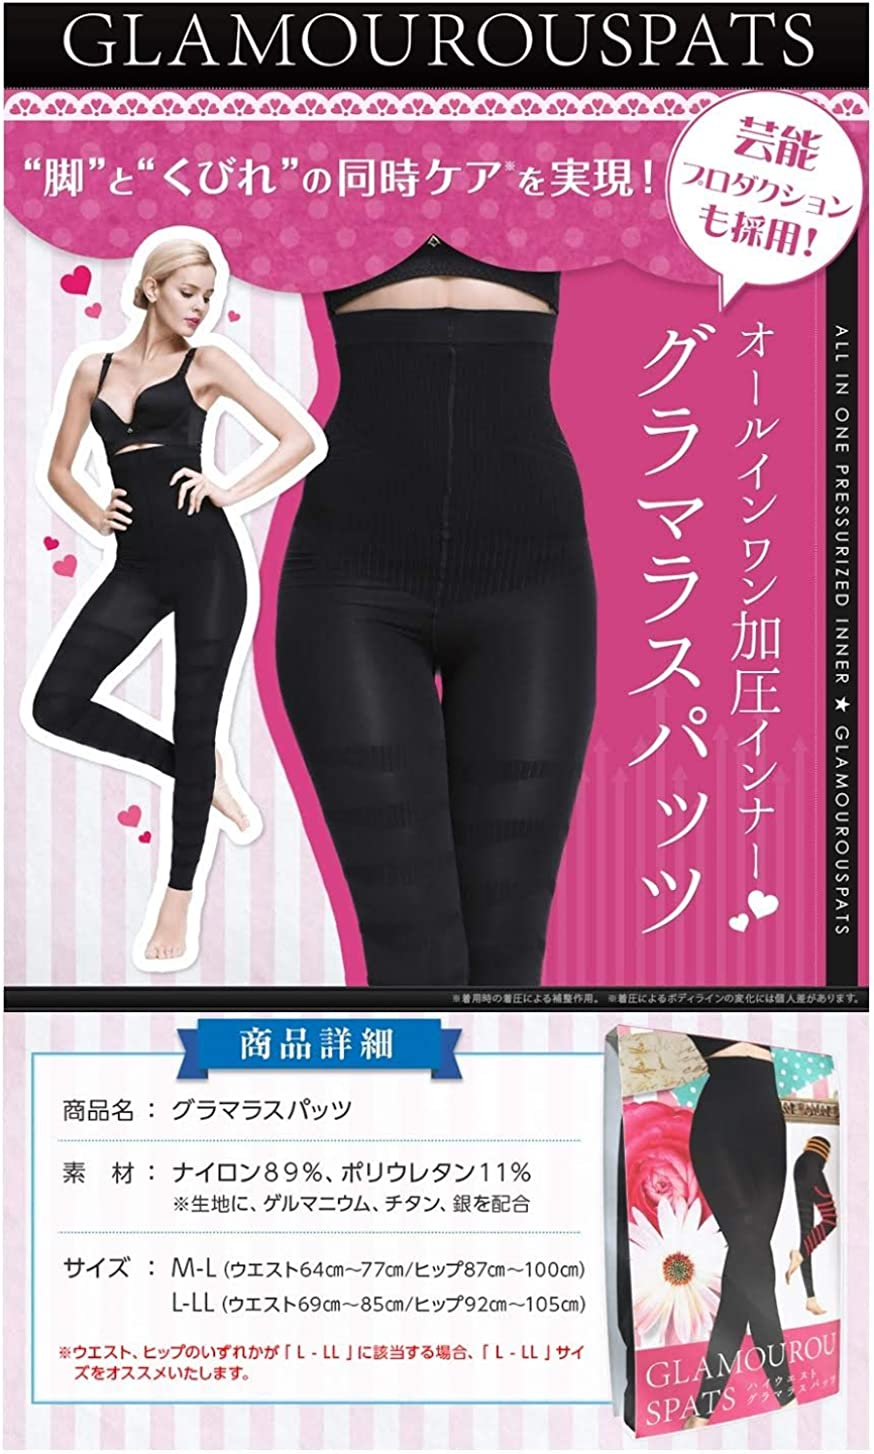 Amazon.co.jp: グラマラスパッツグラマラスパッツ オールインワン 加圧インナー M-LブラックM-L: 服&ファッション小物